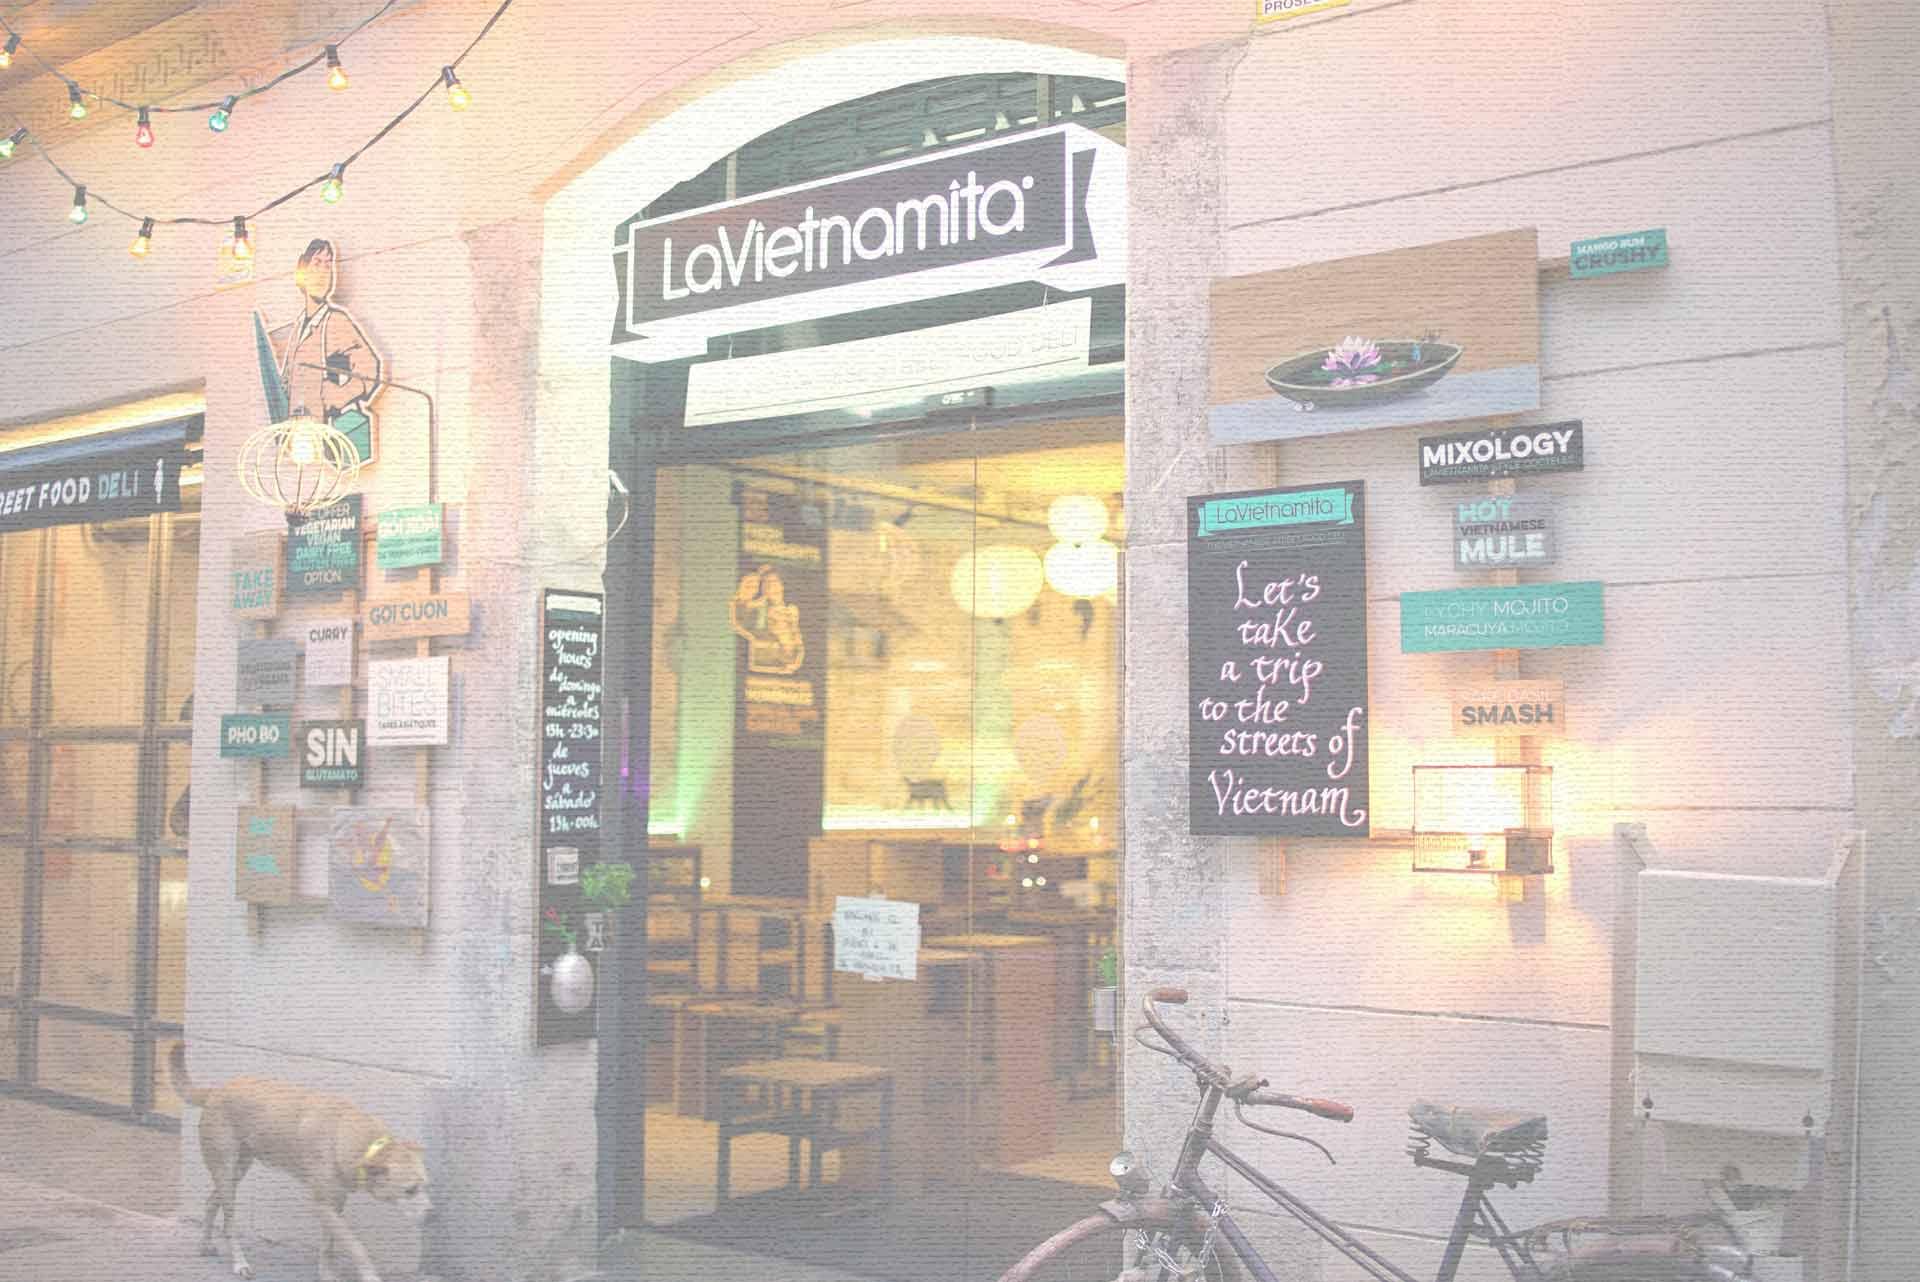 La Vietnamita Sant Antoni | Restaurant vietnamita barcelona